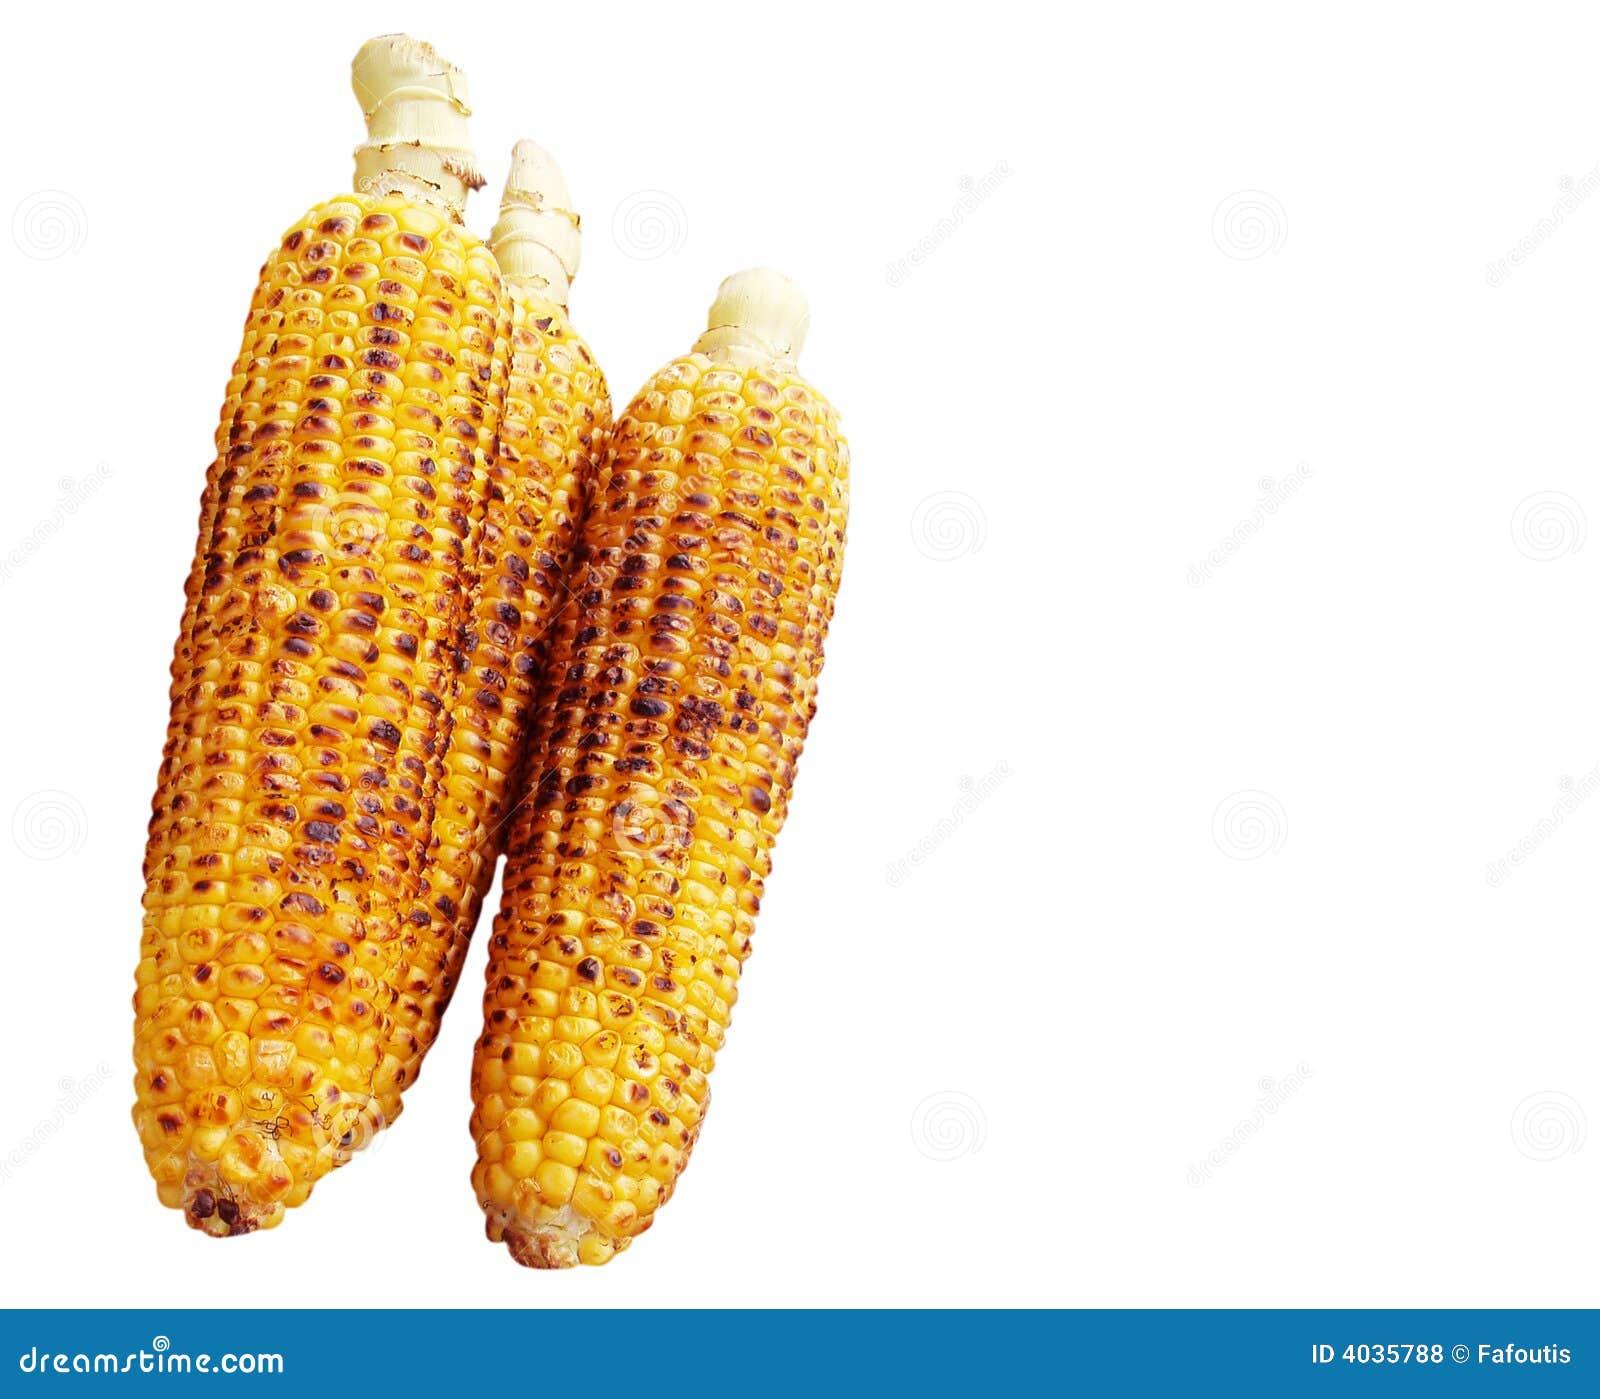 梦见买玉米棒送人